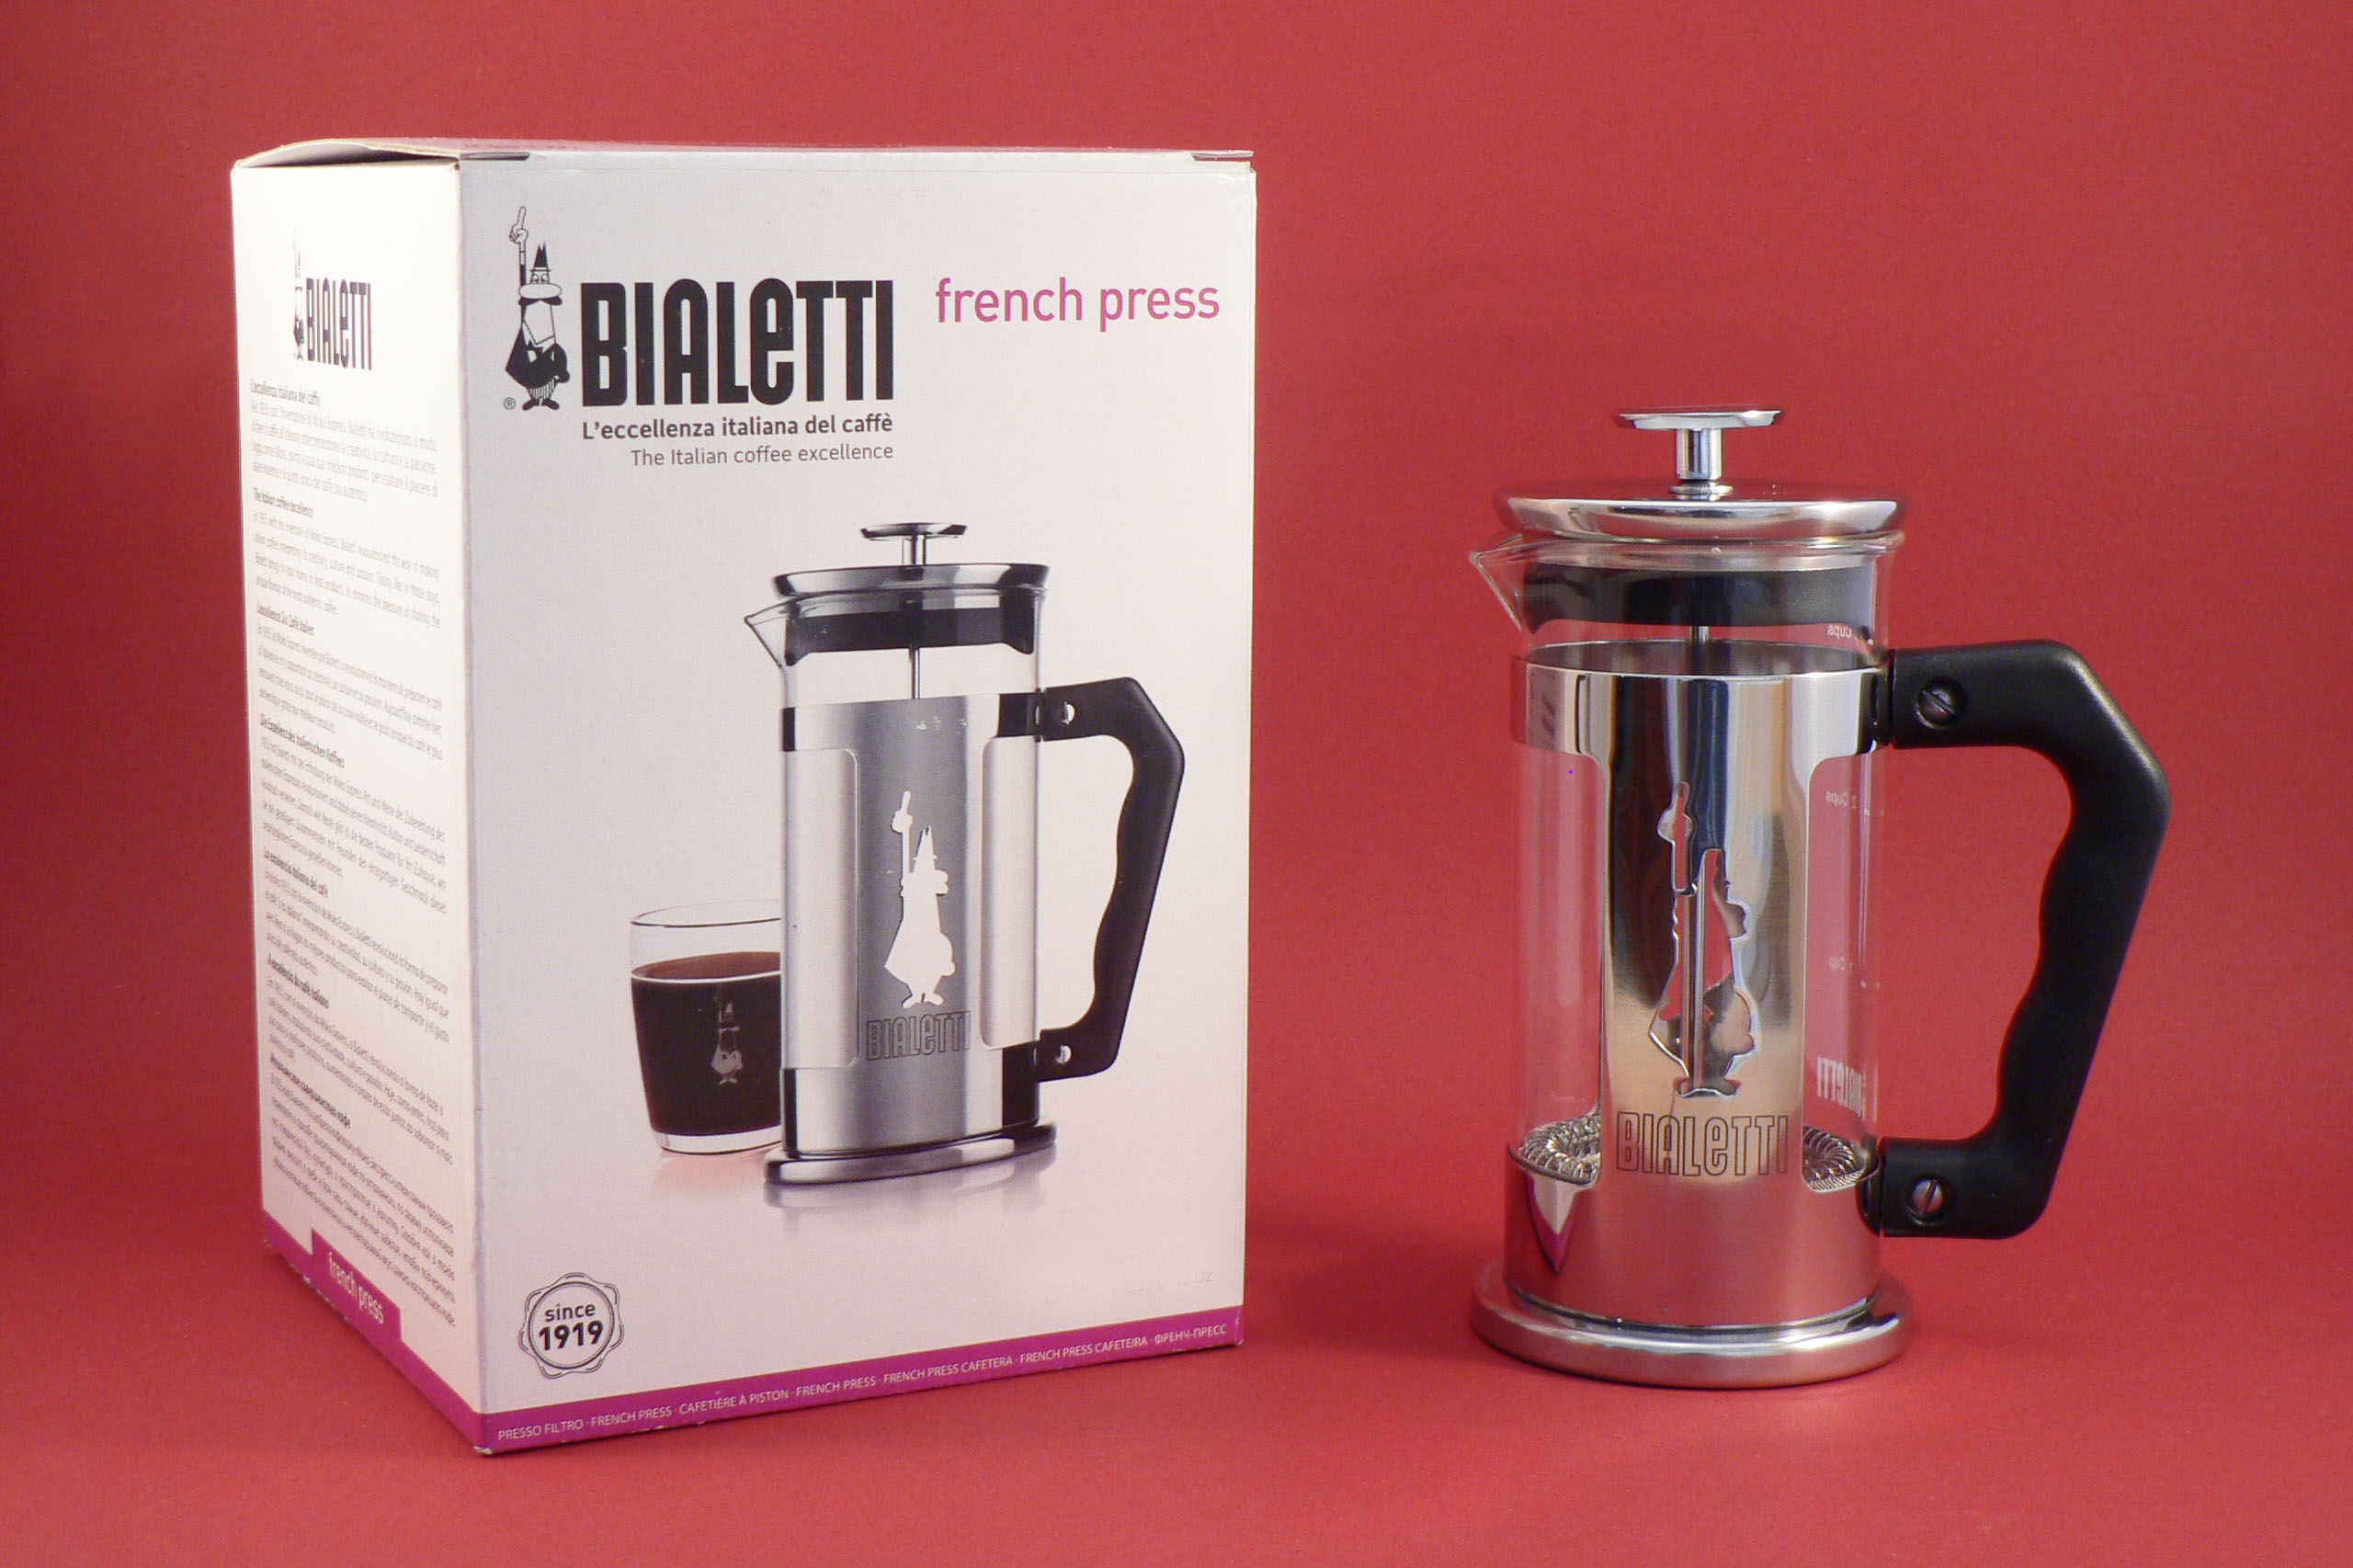 French press Bialetti Preziosa 1l French press Bialetti panáček - 1l